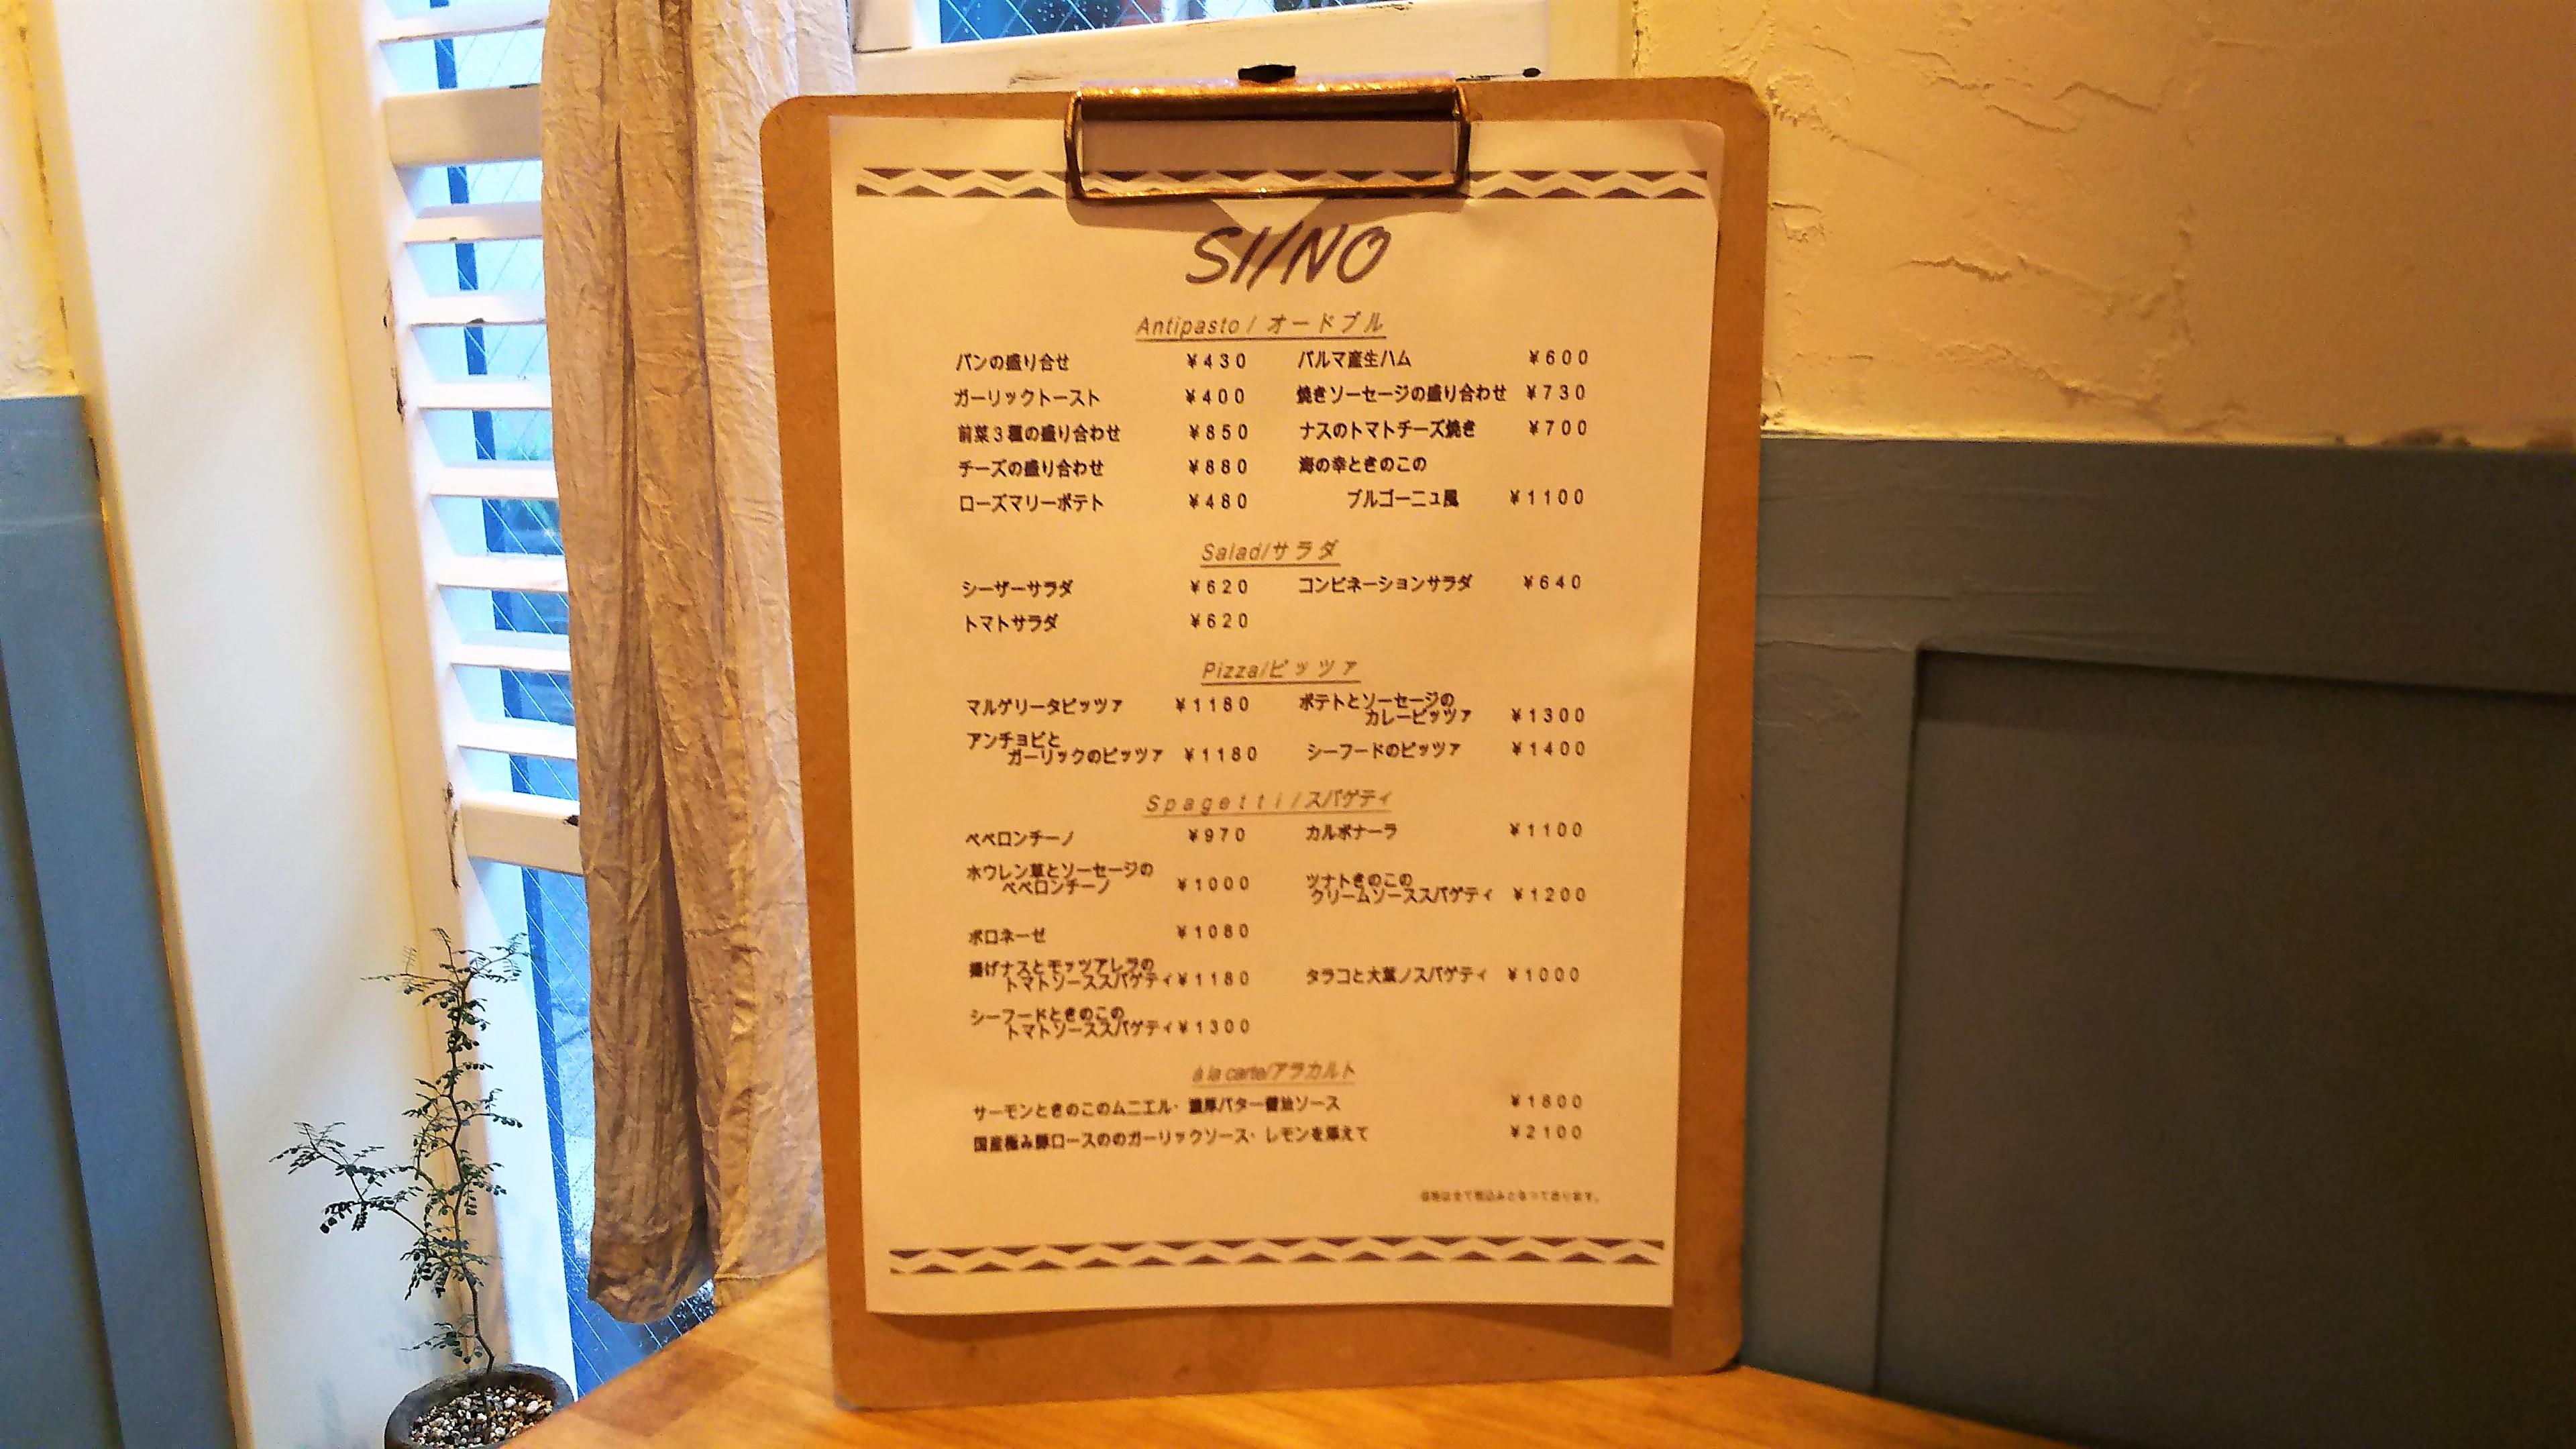 カフェダイニングシーノー(Cafe Dining SI/NO)